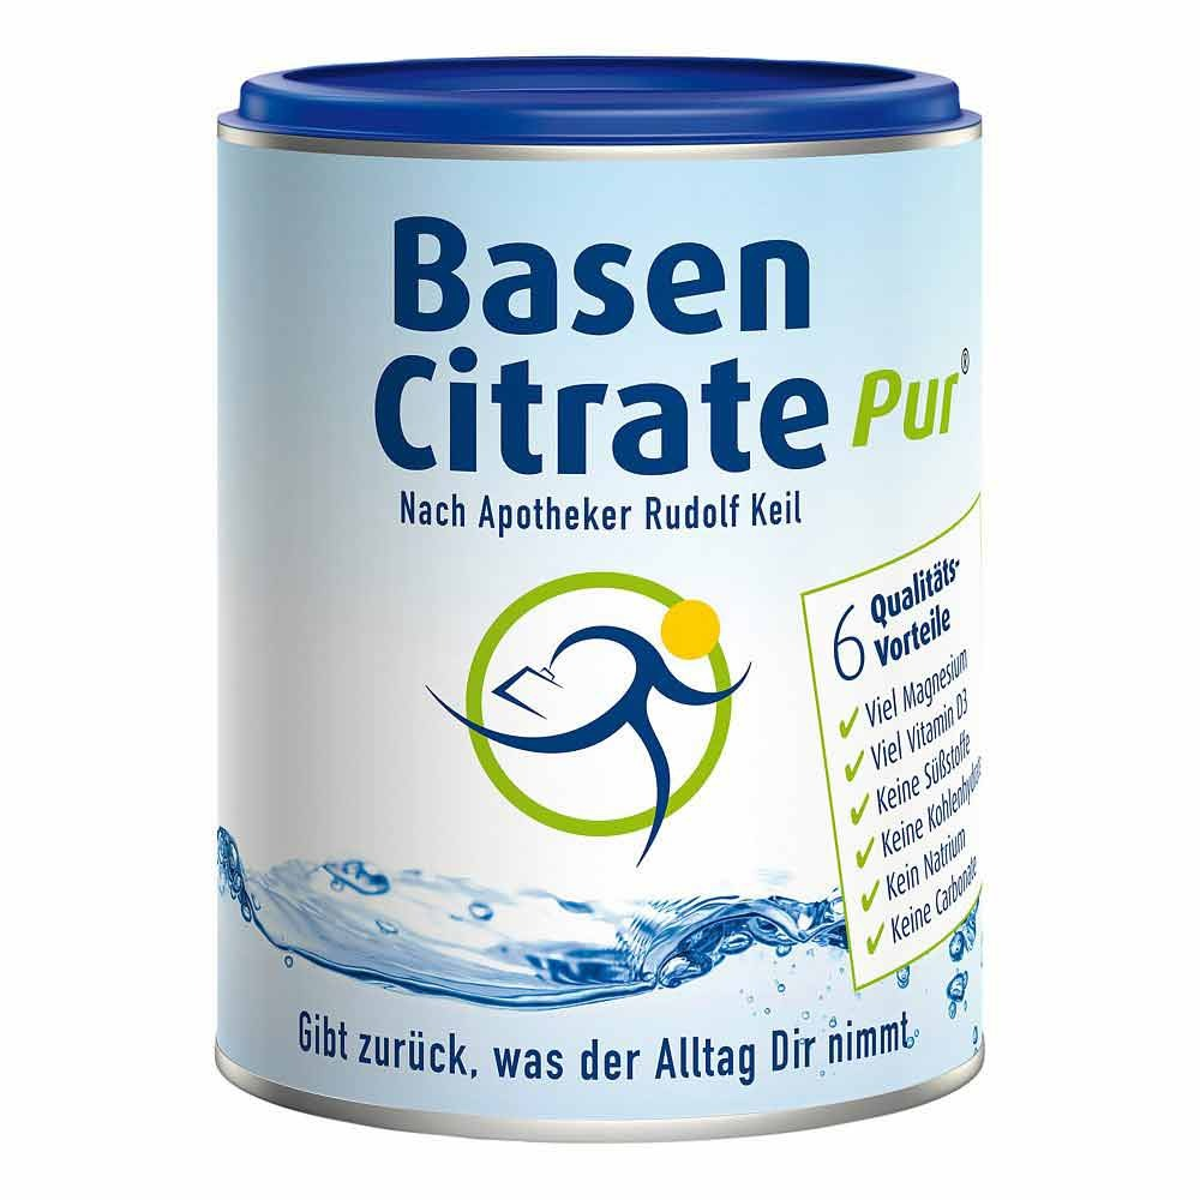 Image of Basen citrate pur proszek wspomagający odchudzanie